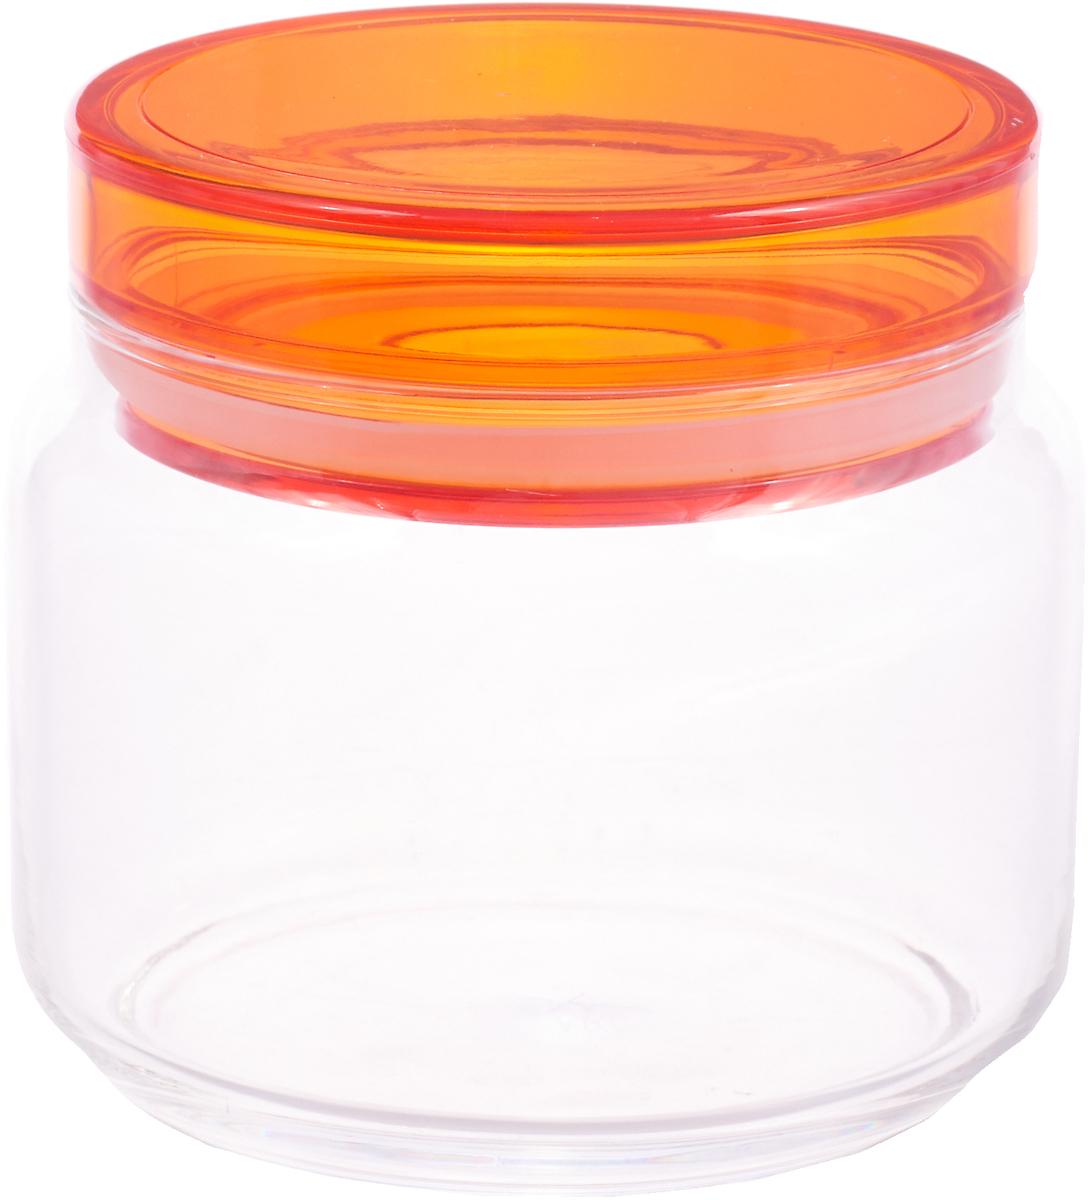 Банка для продуктов Luminarc Колорлишэс, прозрачный, оранжевый, 500 мл